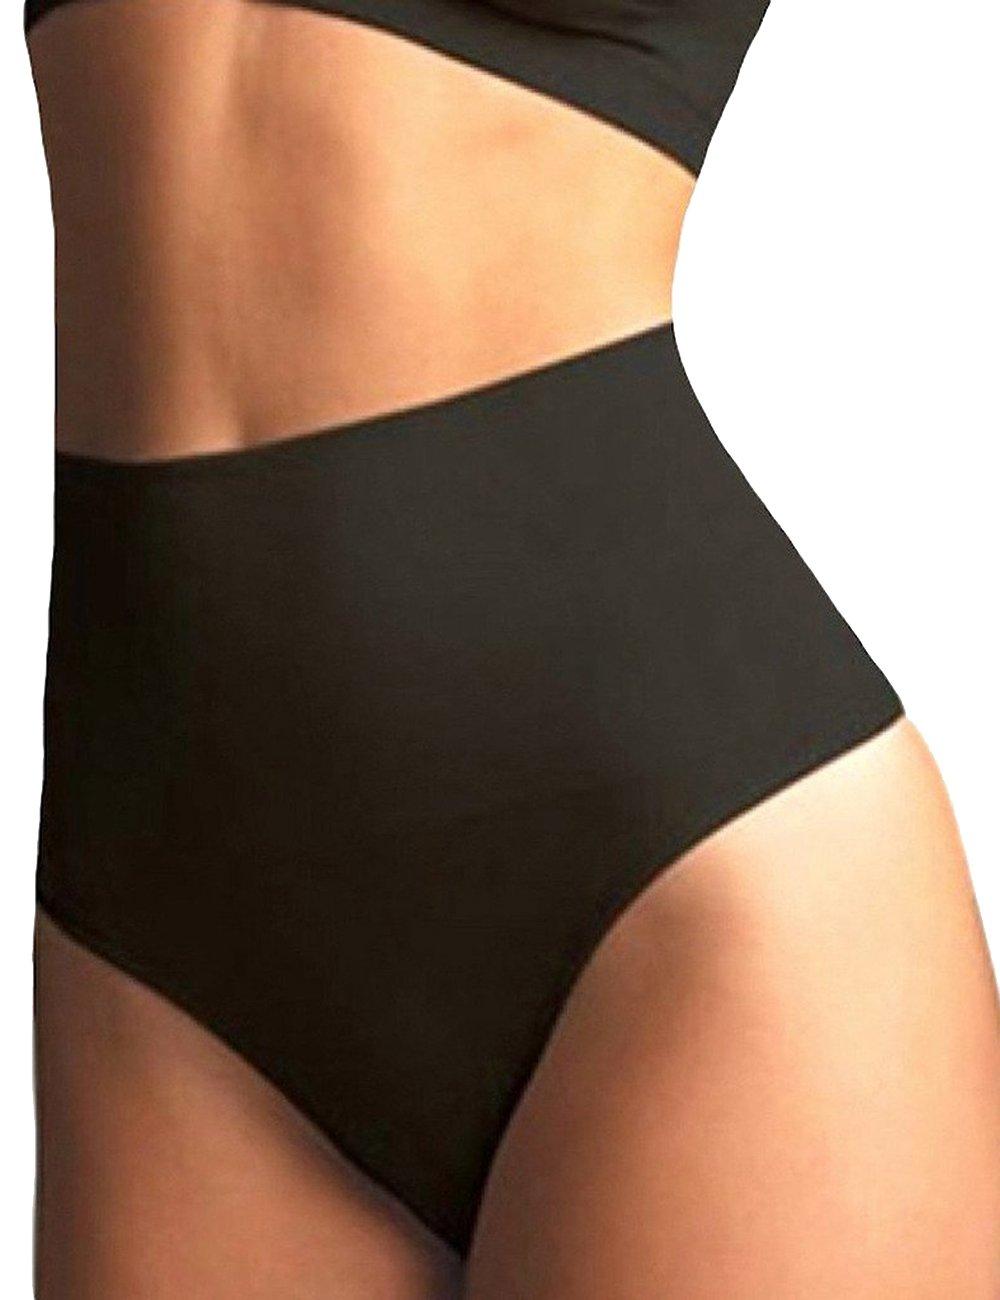 FUT Womens Waist Cincher Body Shaper Trainer Girdle Faja Tummy Control Underwear Shapewear